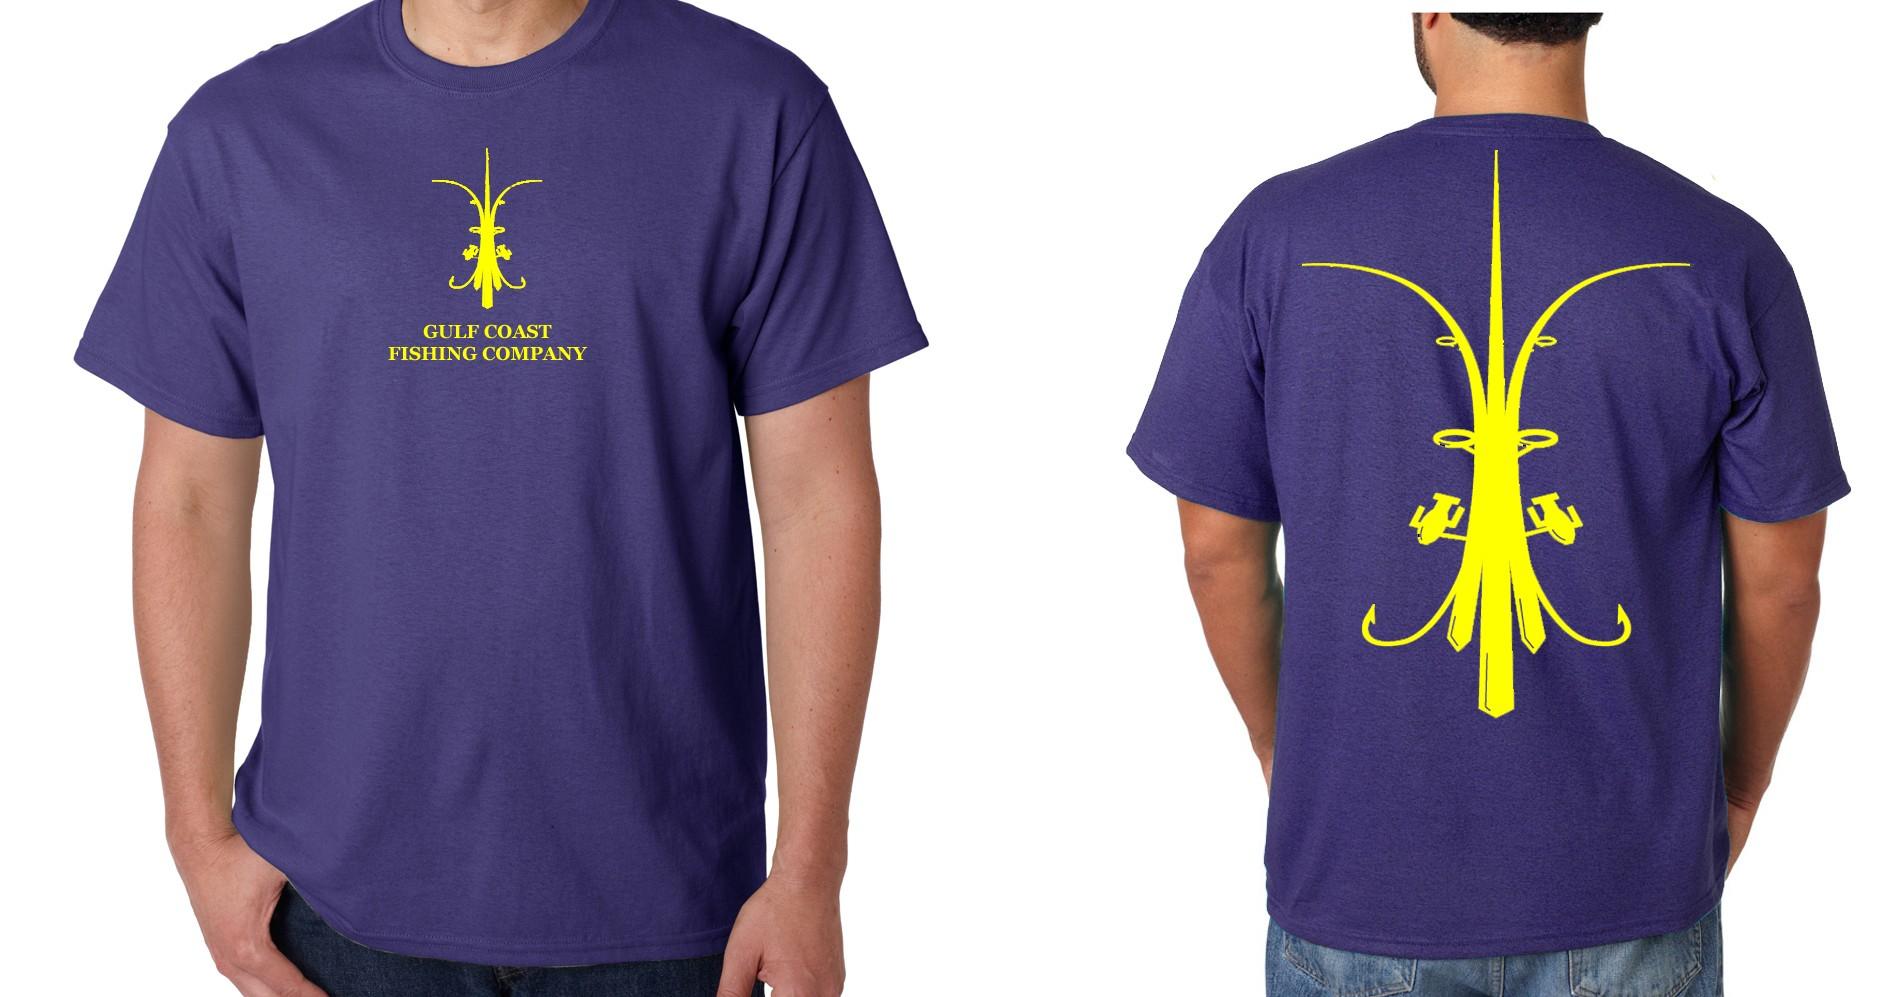 M purple and yellow gulf coast fishing company logo tee for Online tee shirt companies